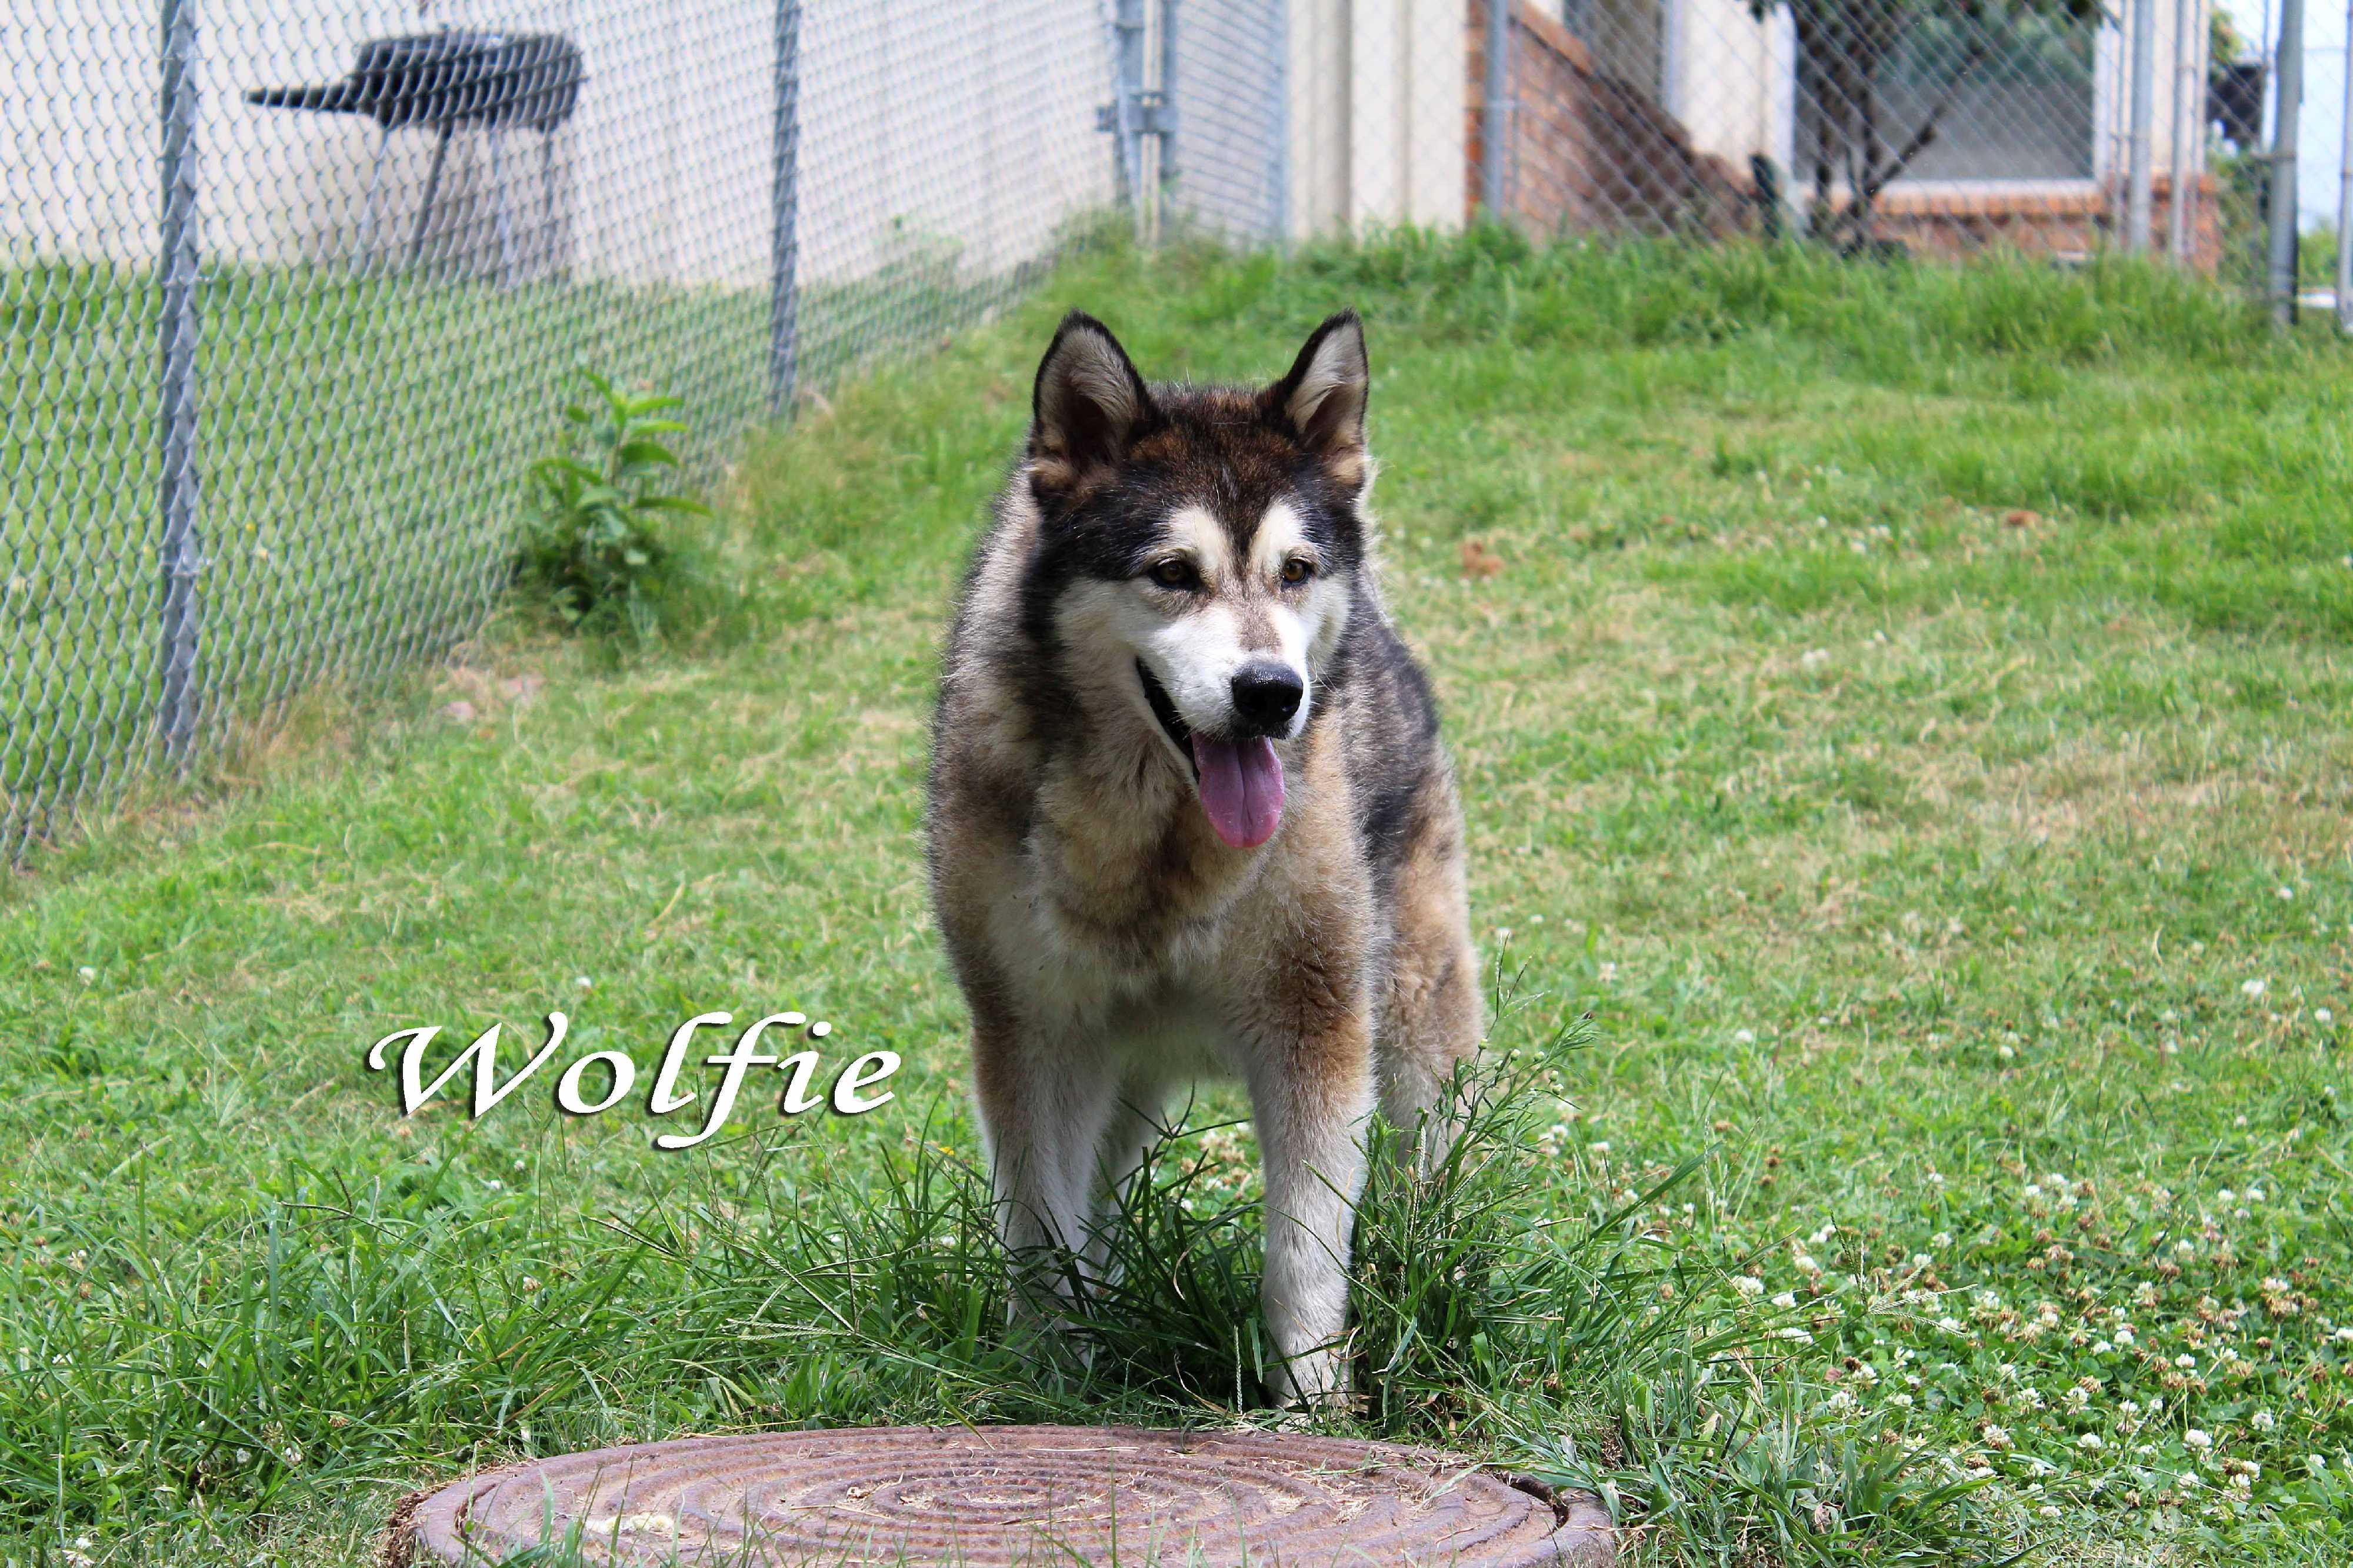 Texarkana Ar Alaskan Malamute Meet Wolfie A Pet For Adoption